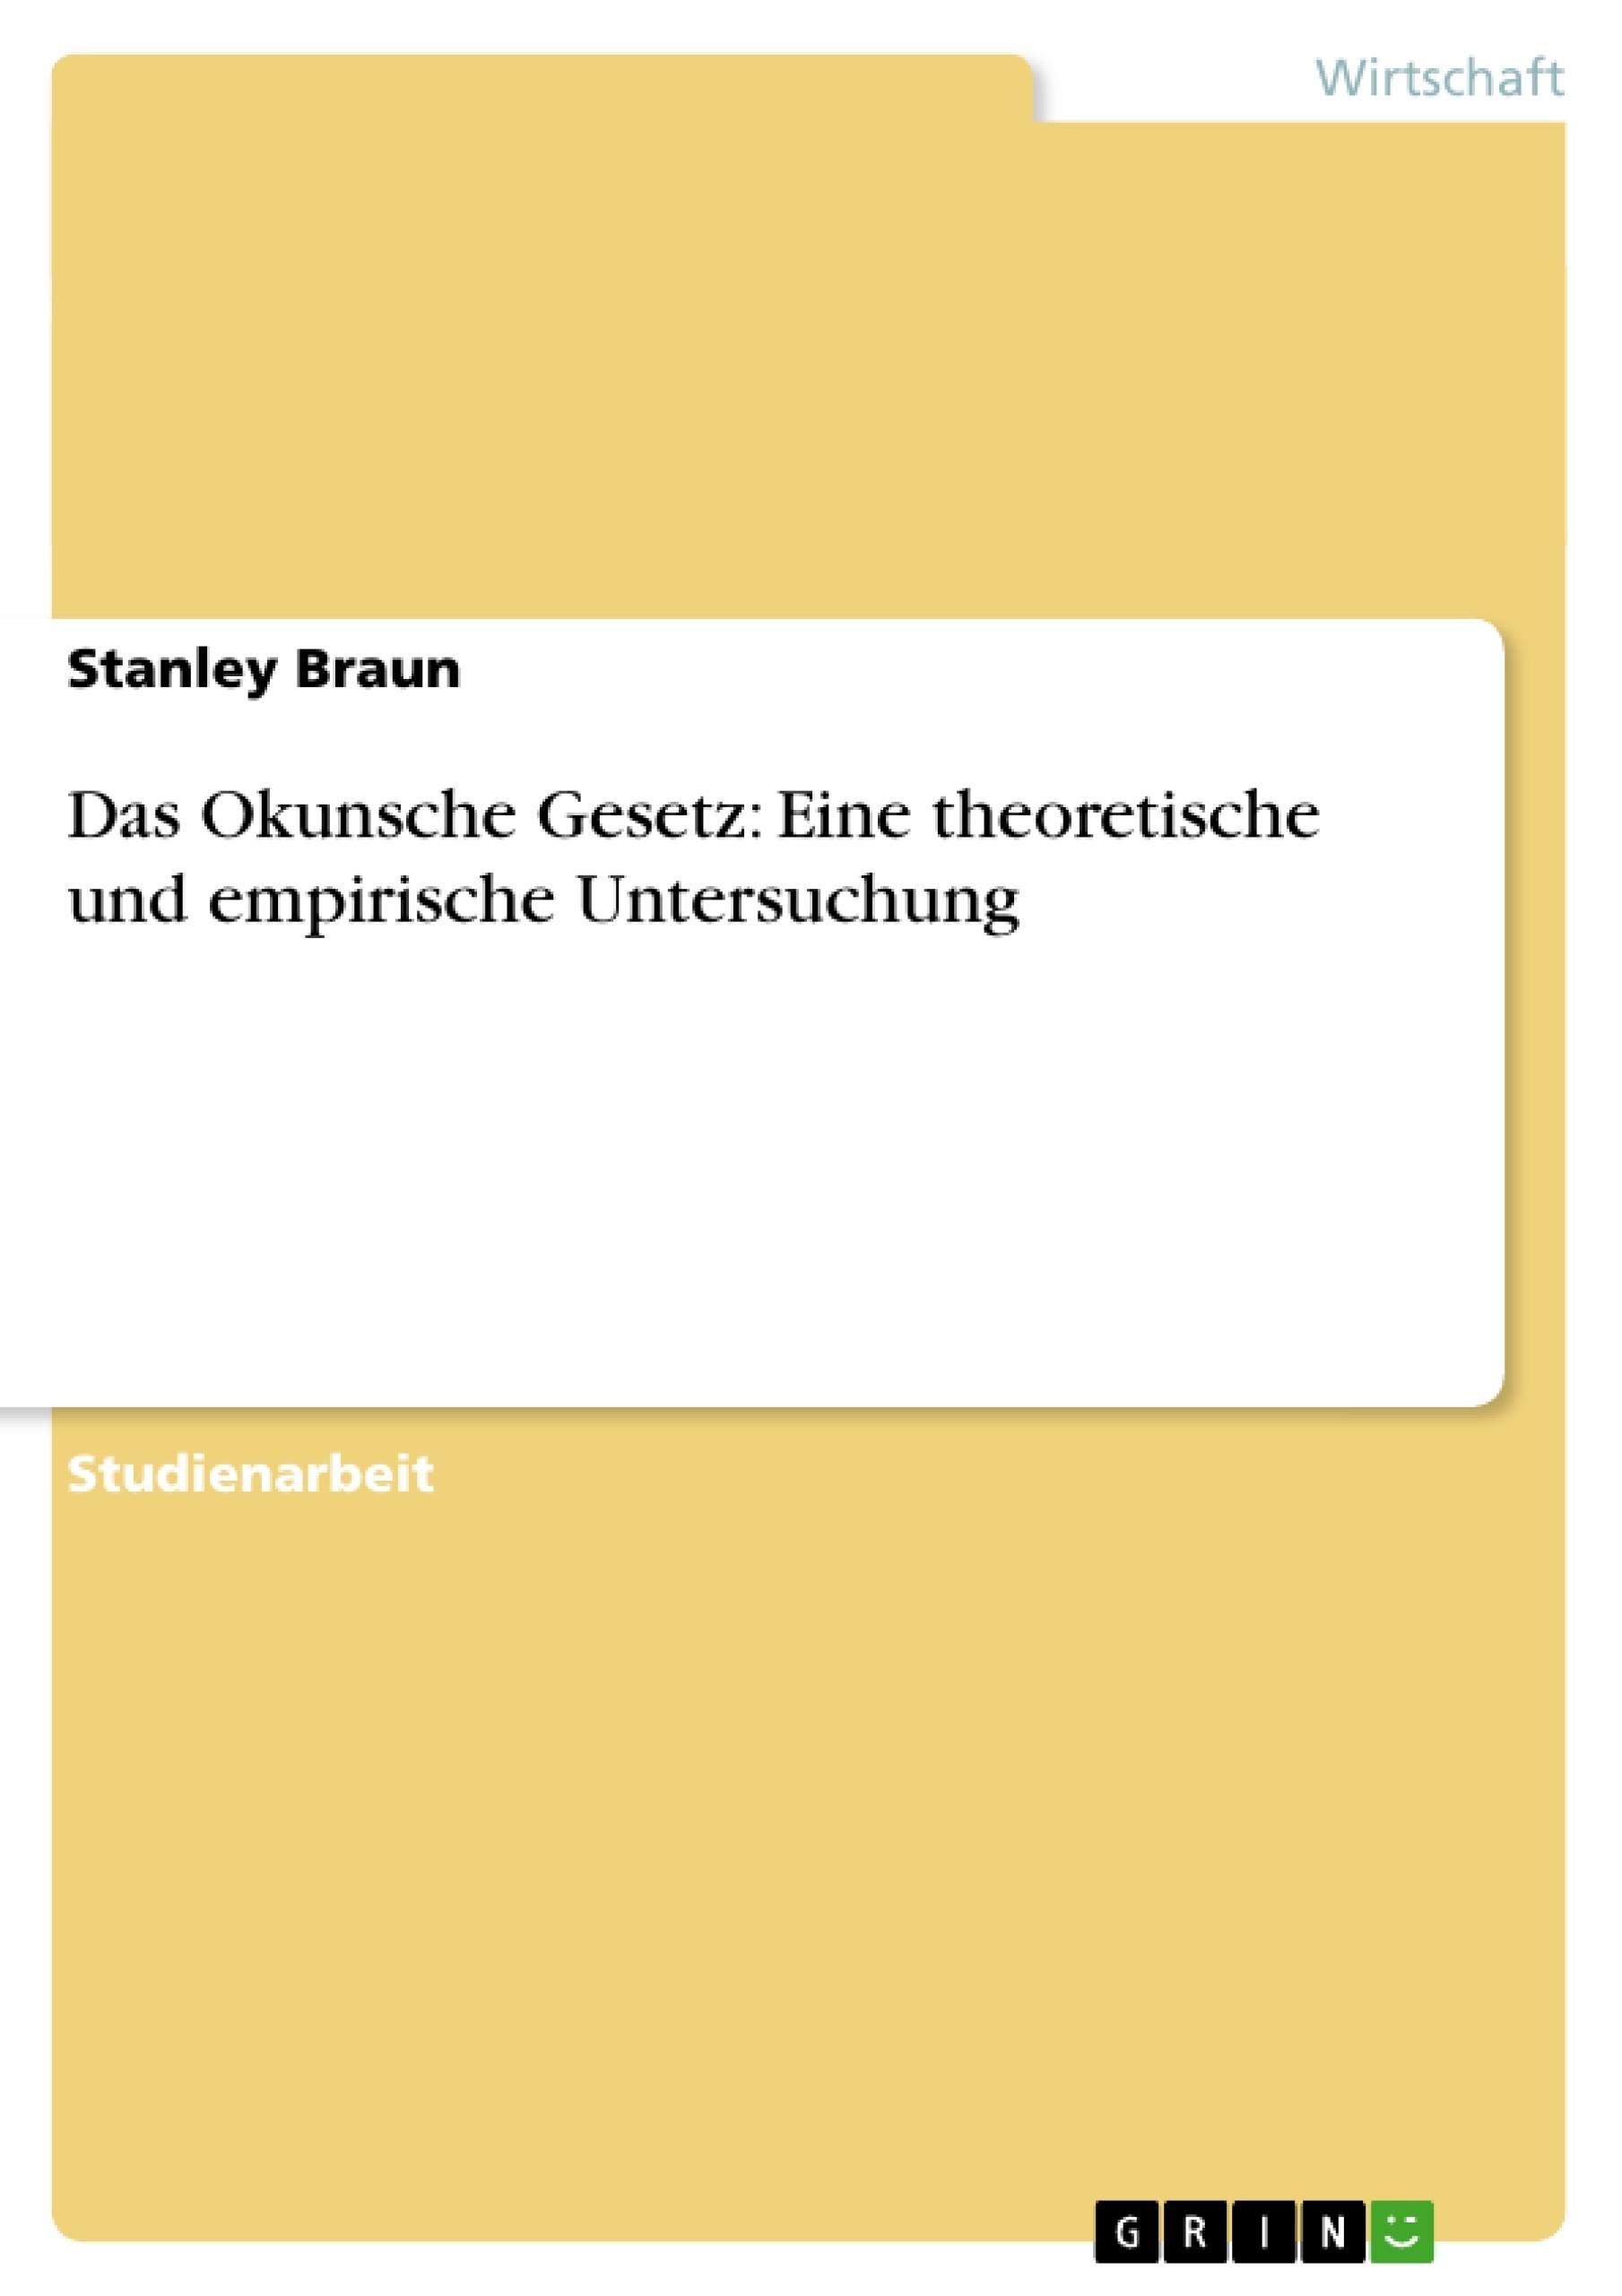 Titel: Das Okunsche Gesetz: Eine theoretische und empirische Untersuchung